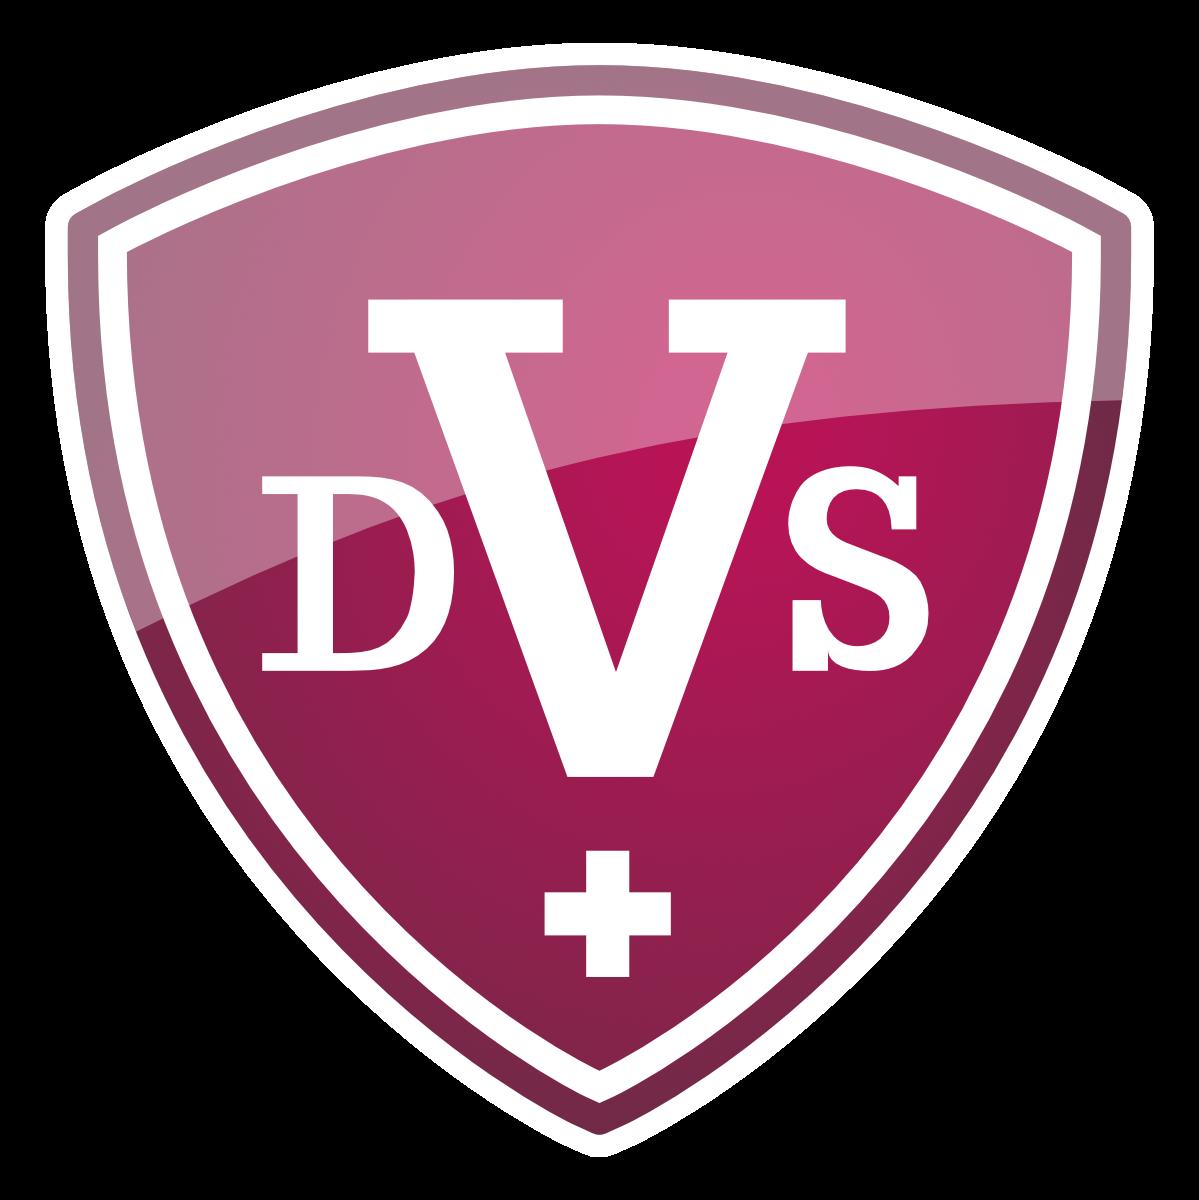 DVS Sicherheitsdienst GmbH